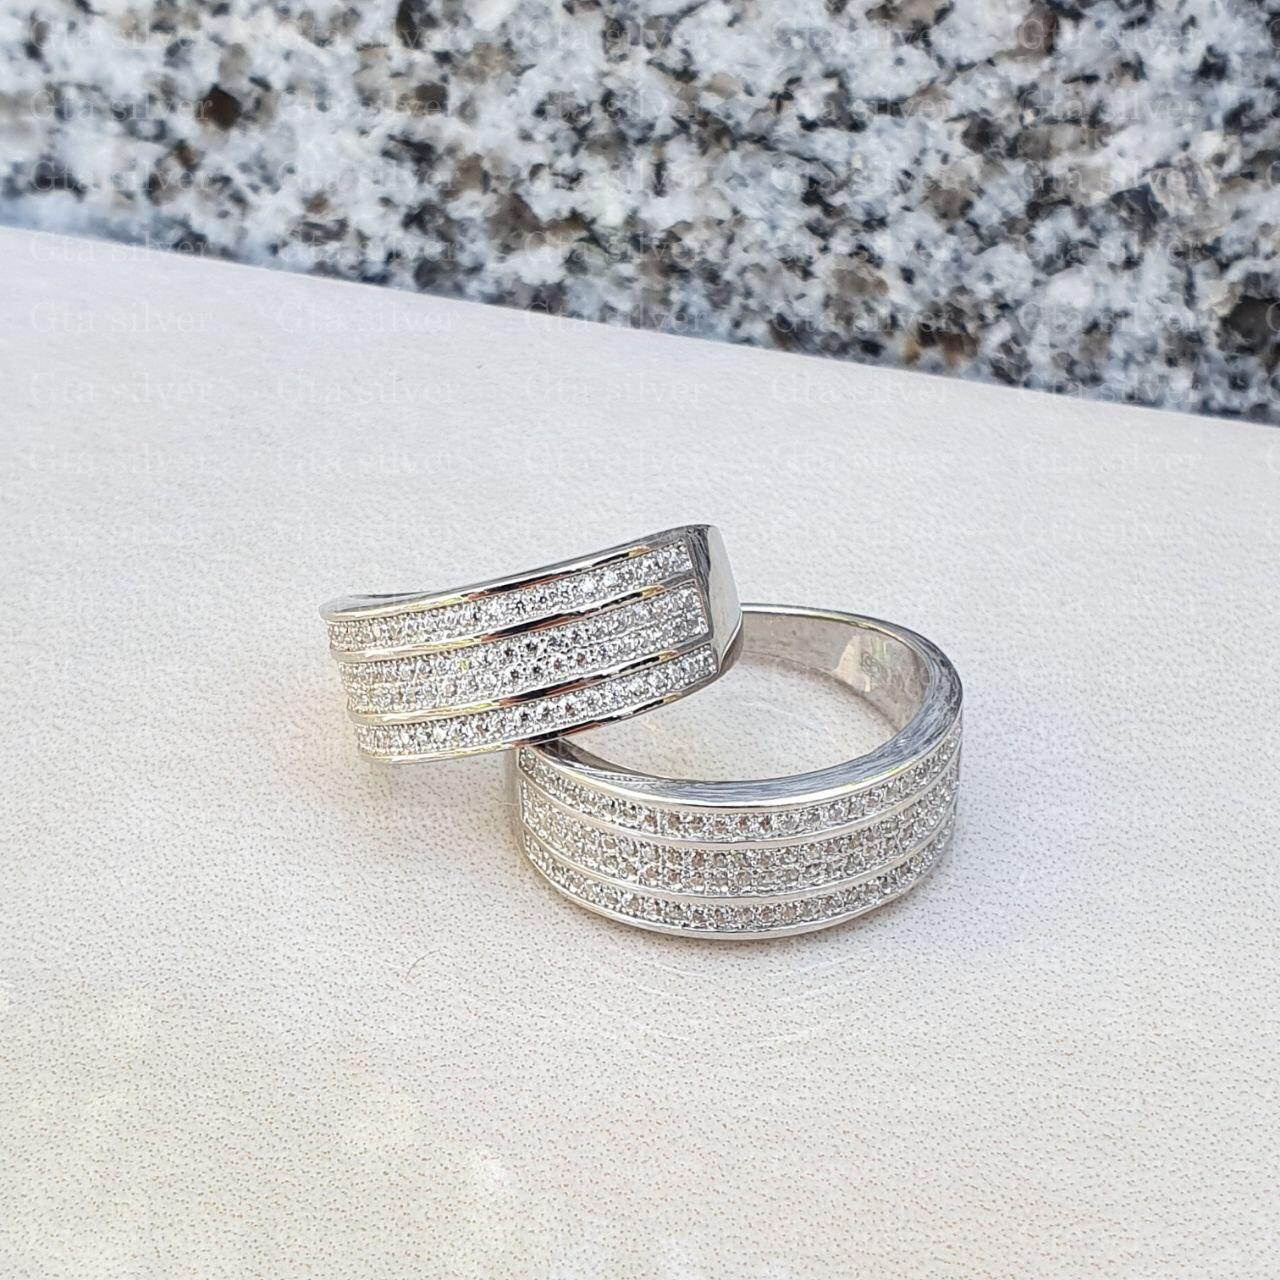 ست حلقه ازدواج وزن 10.5 گرم مدل 39